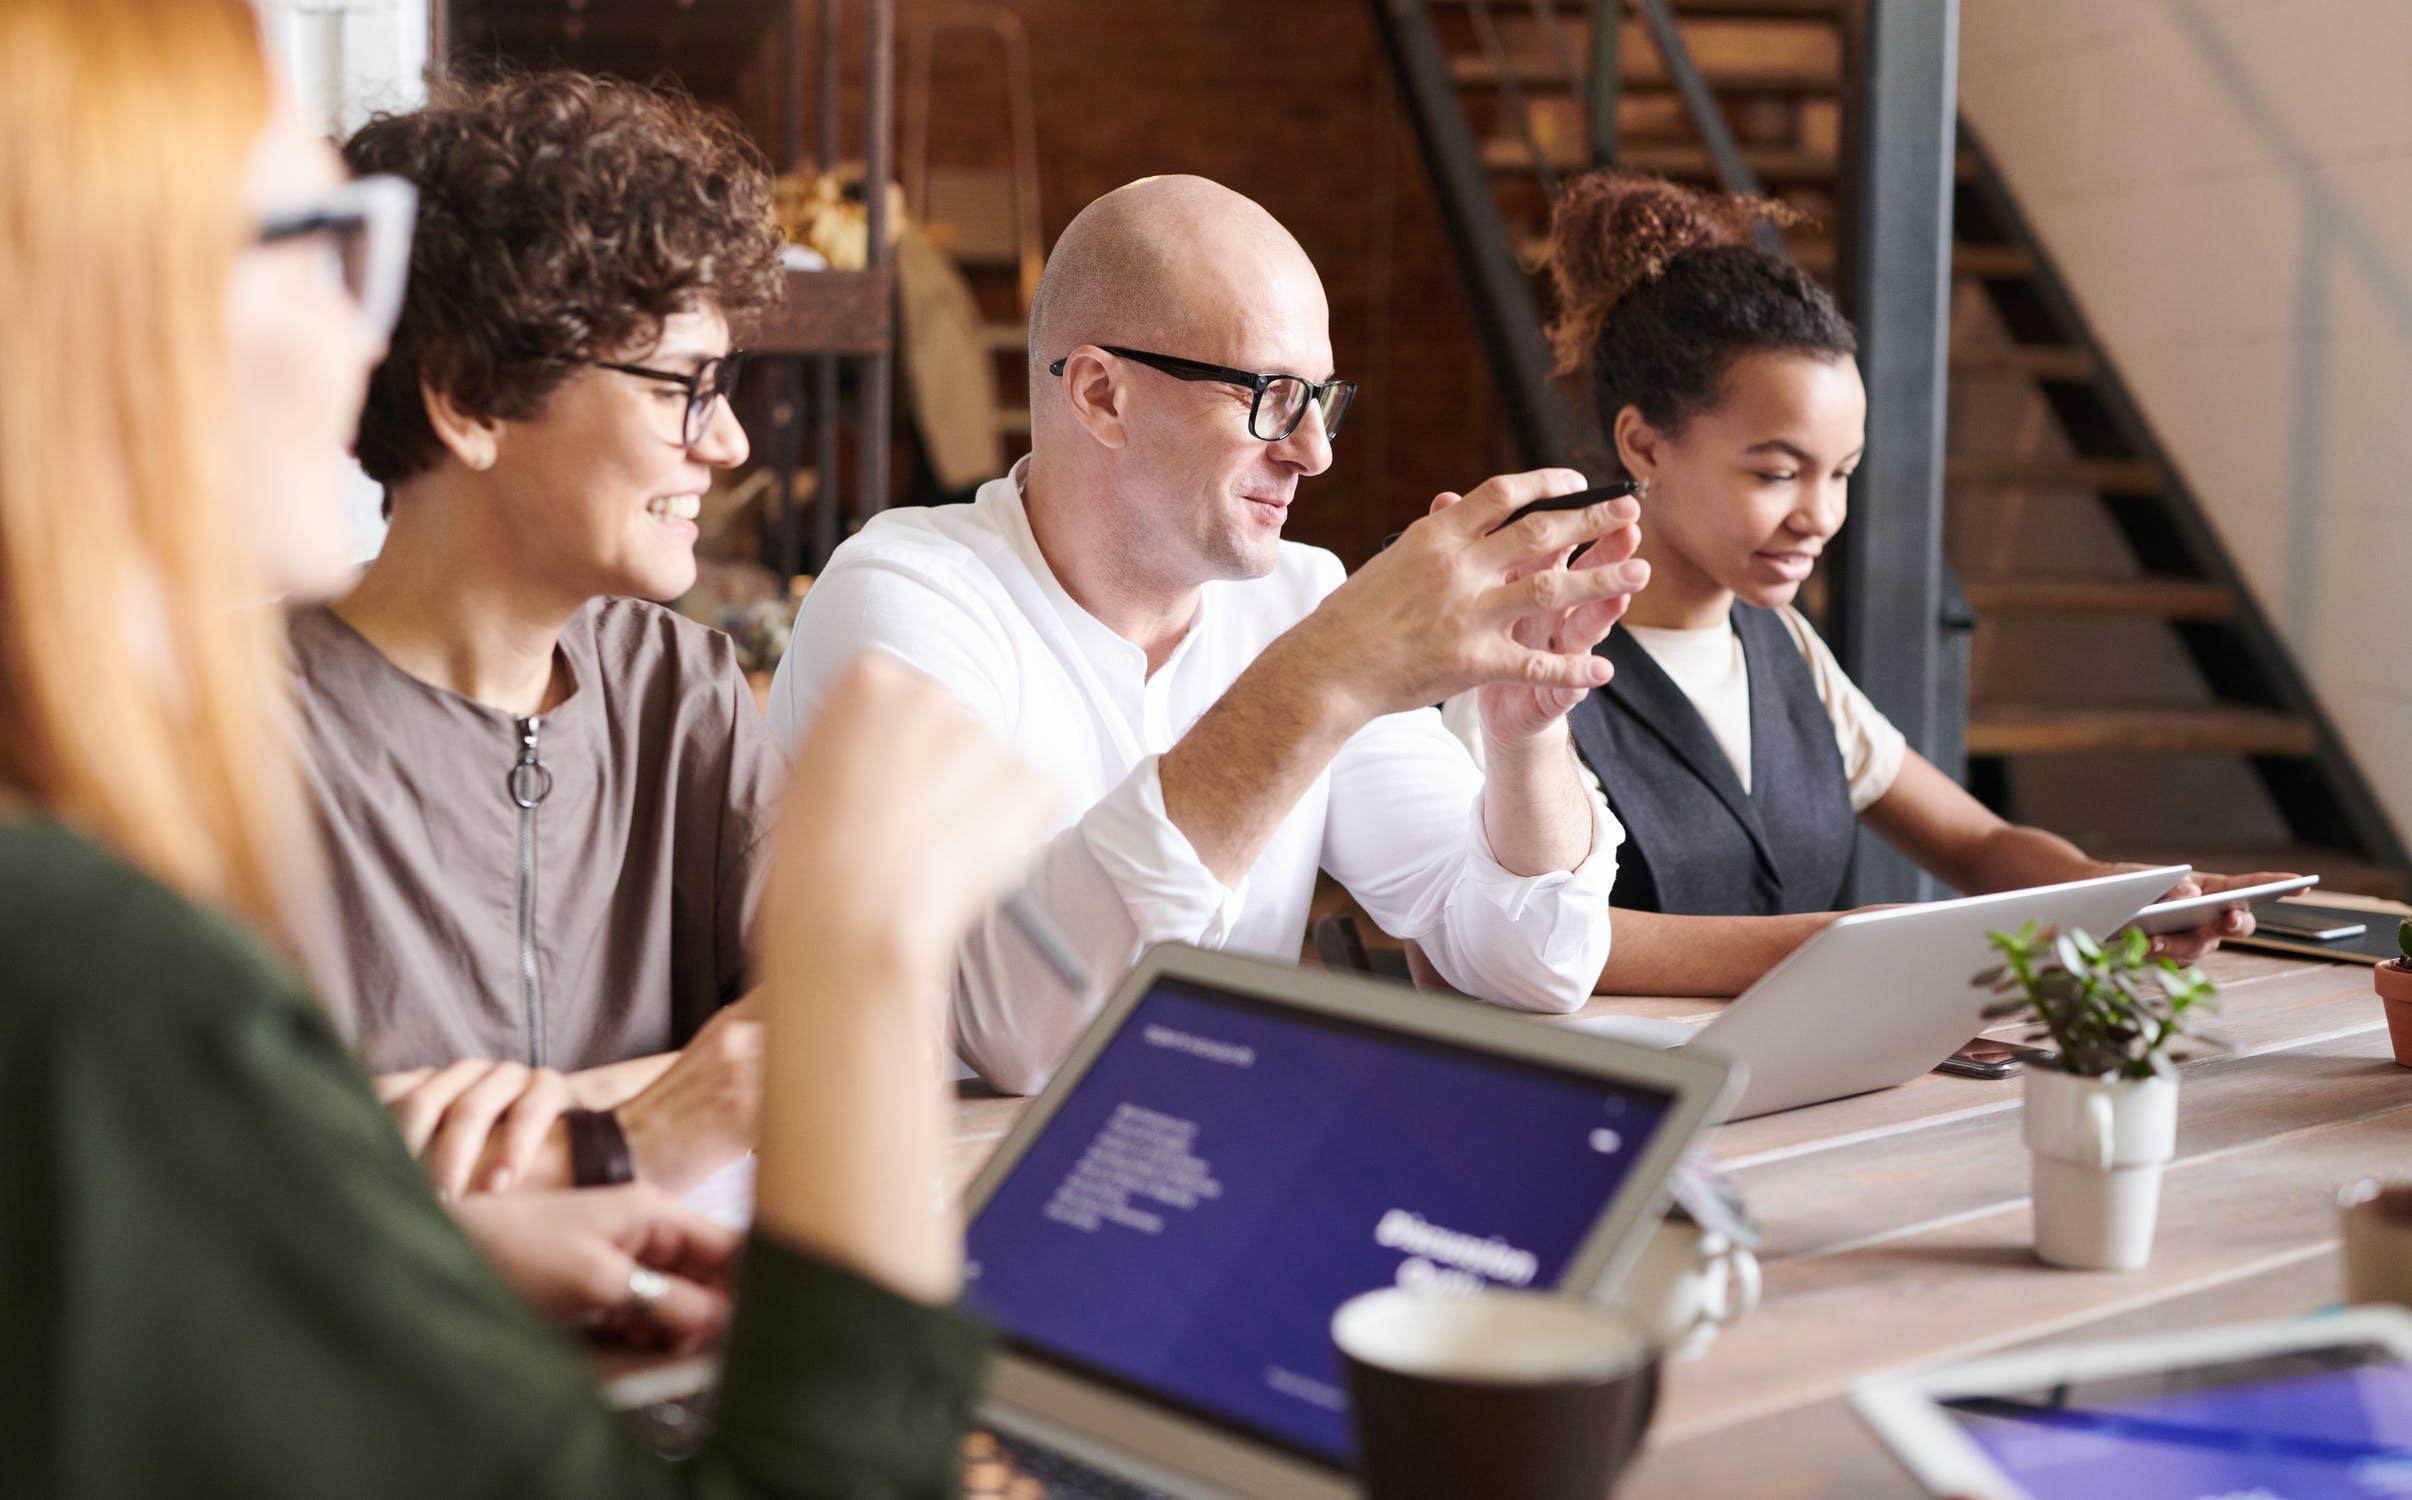 De meest kosteneffectieve marketing & sales kanalen voor het KMO in 2021